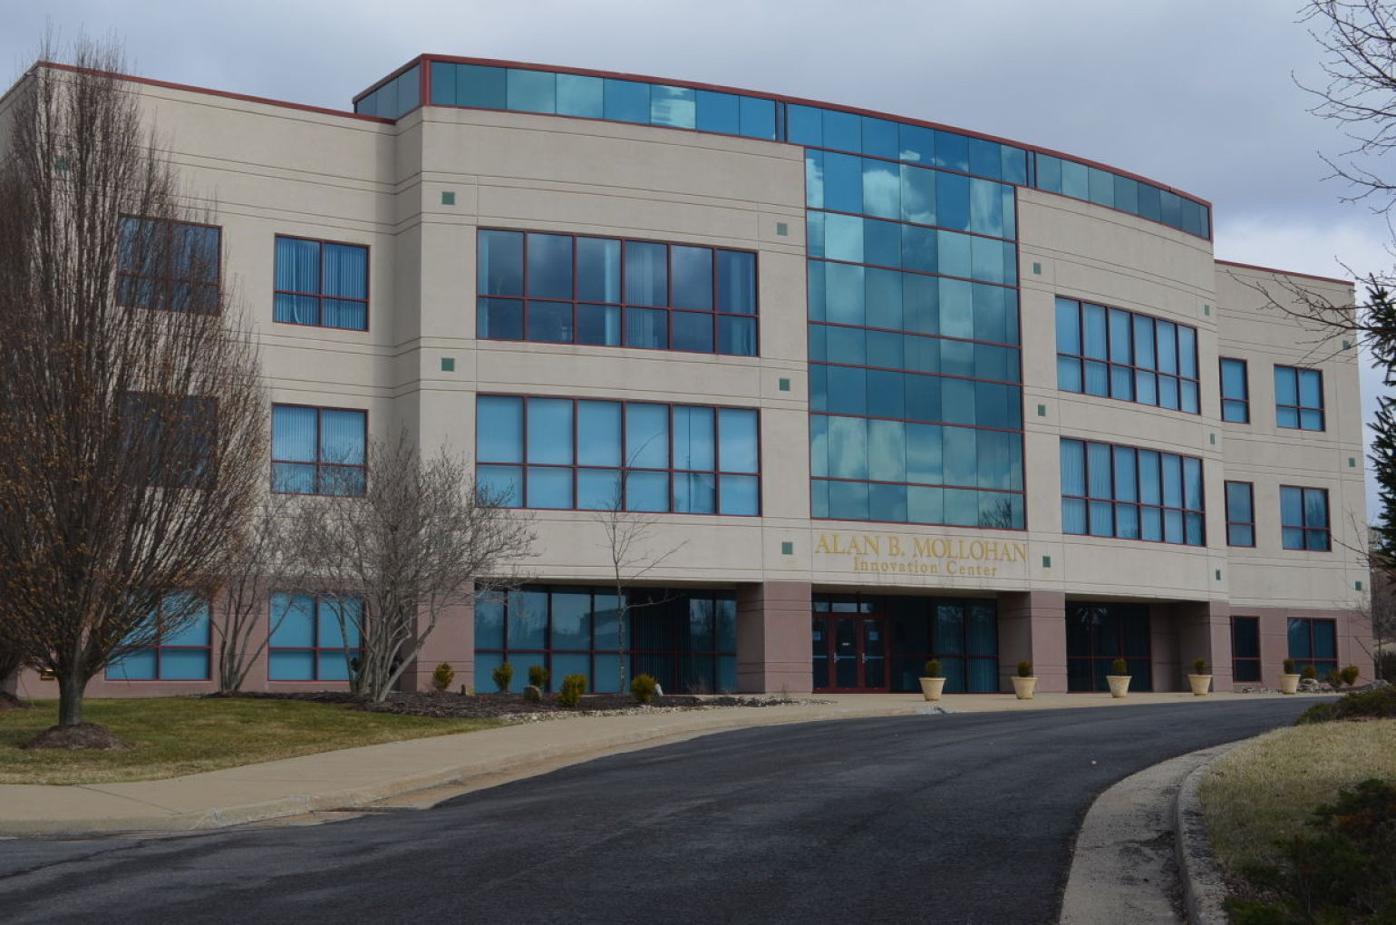 Alan B. Mollohan Innovation Center